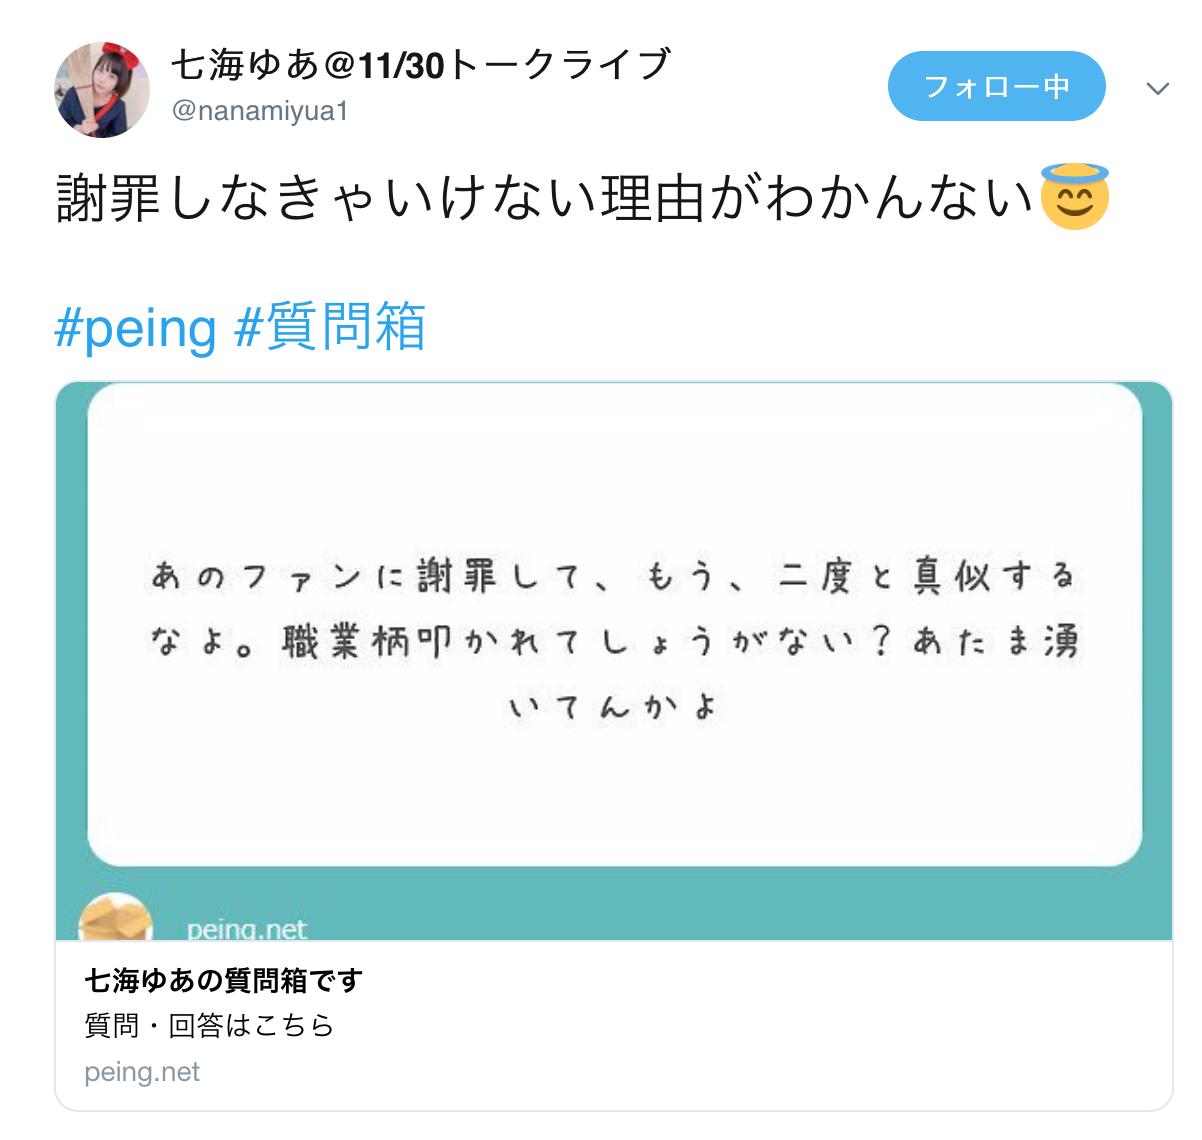 模仿太像被粉絲圍攻!《七海由愛》嗆粉絲:不爽不要看!